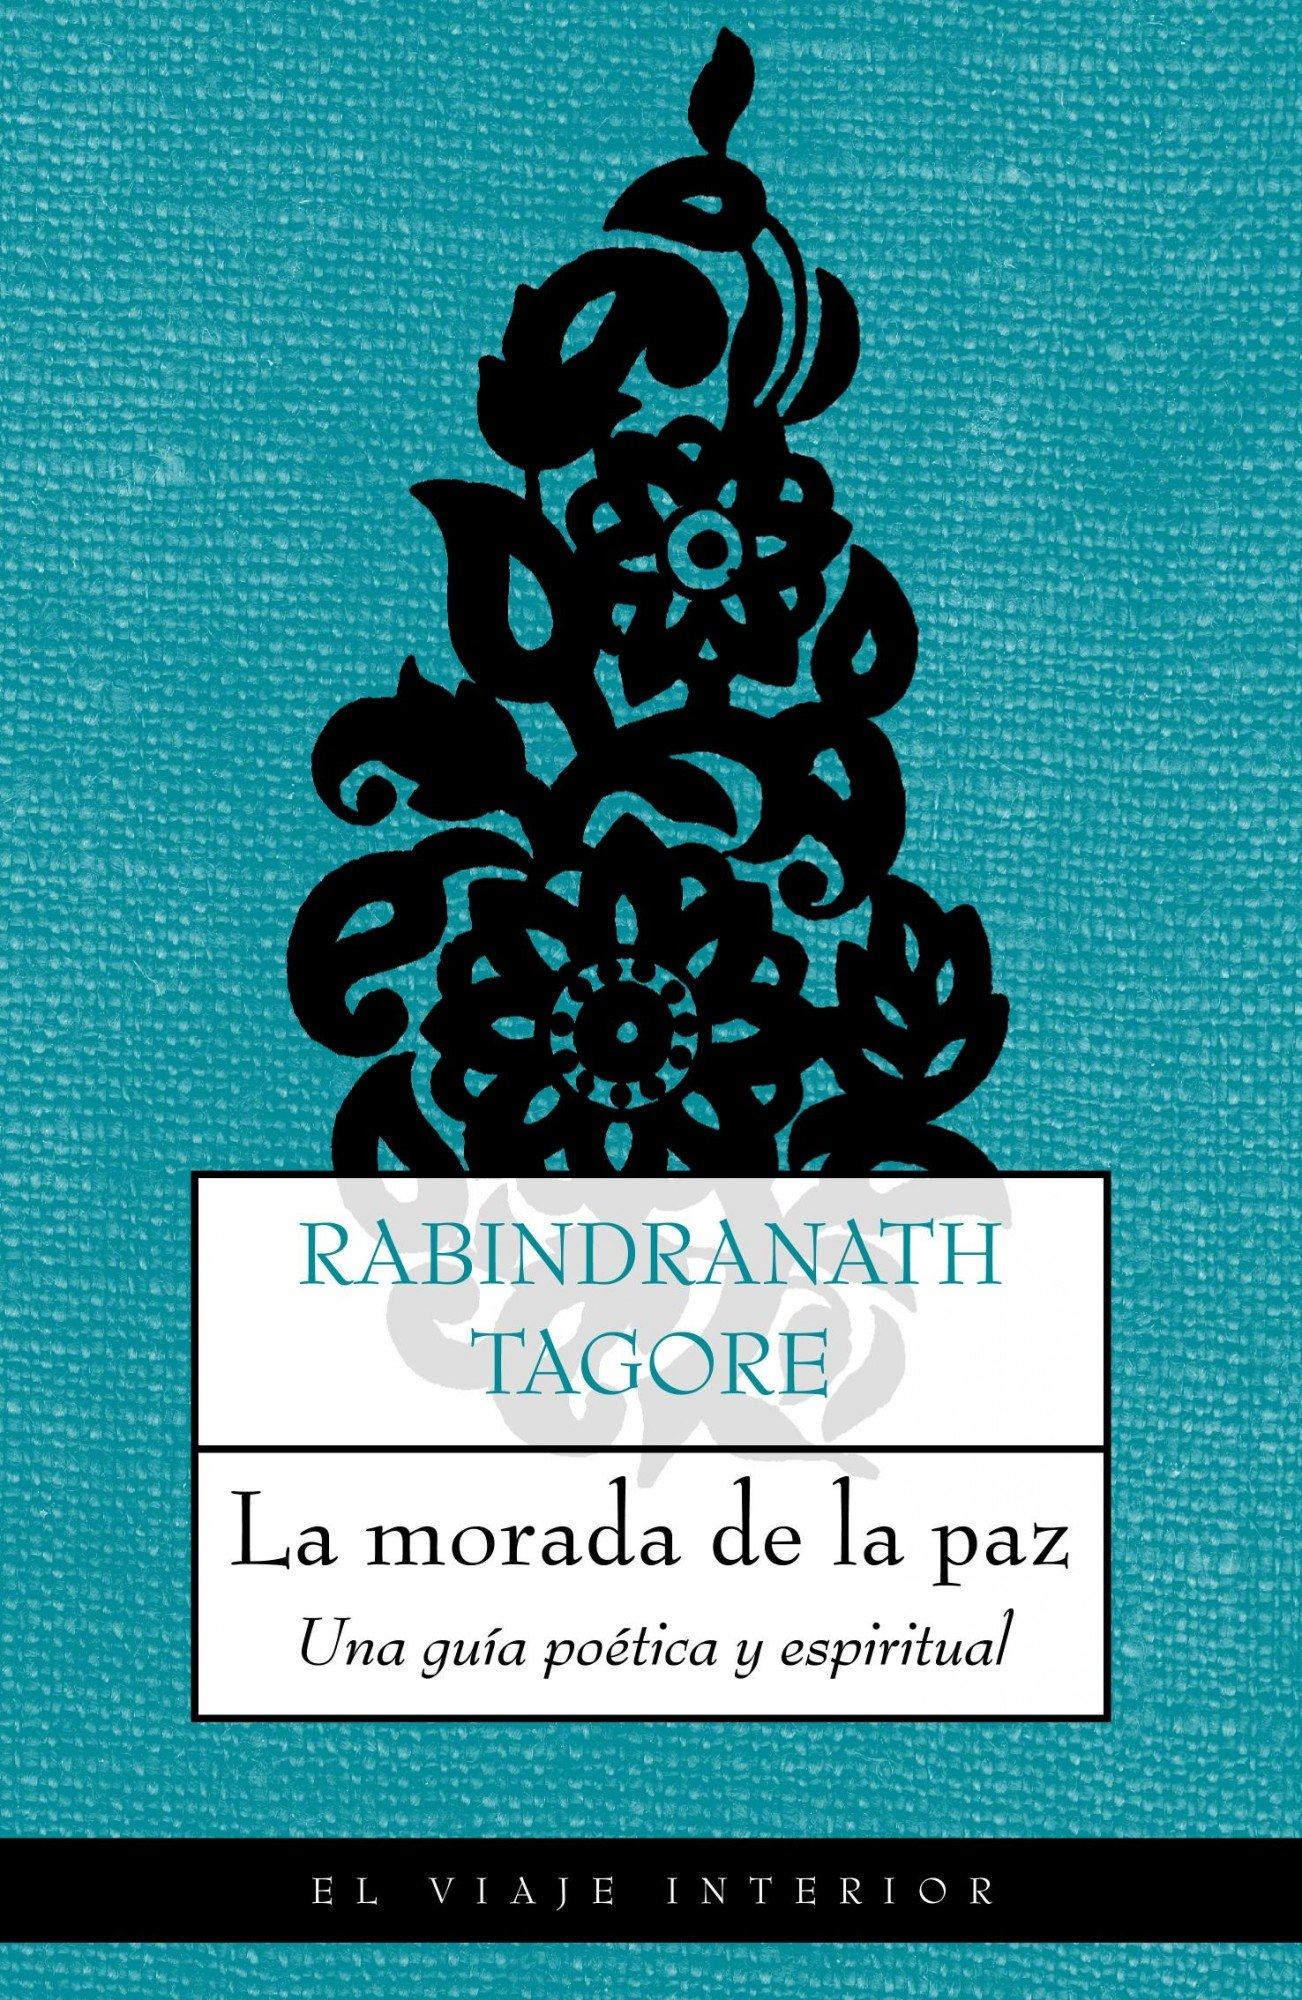 La morada de la paz: Una guia poetica y espiritual (El Viaje Interior) Tapa blanda – 25 oct 2004 Rabindranath Tagore Rosa Alapont Calderaro Ediciones Oniro 8489920877